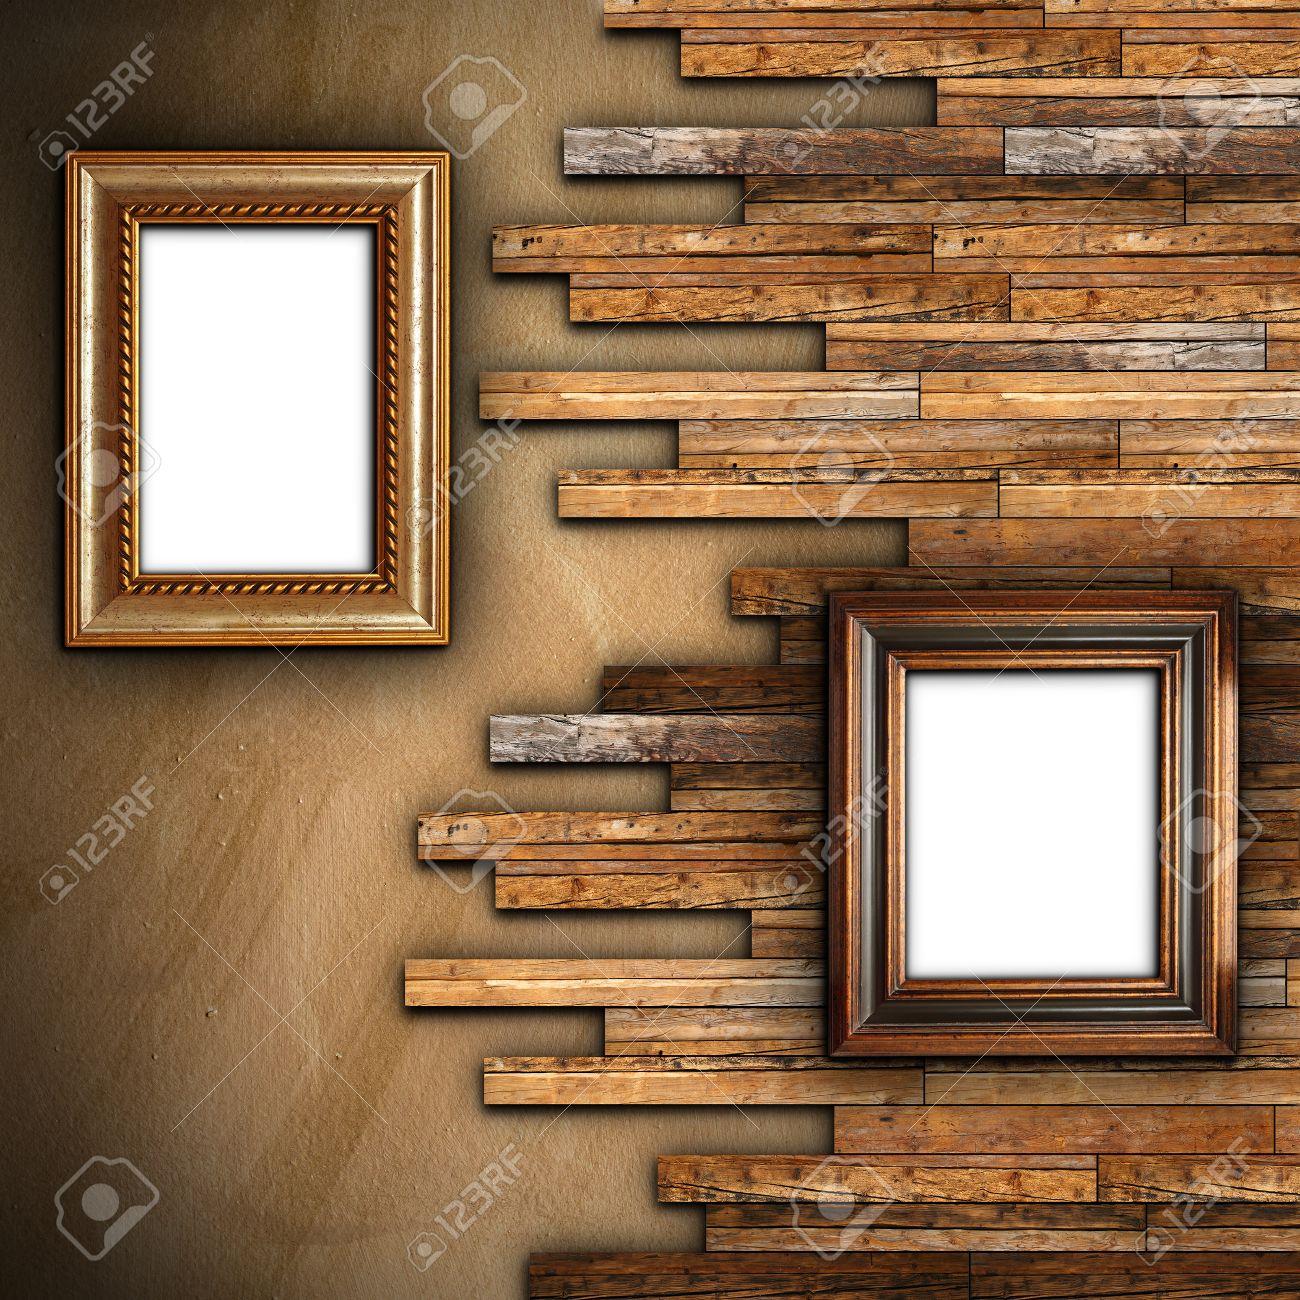 Abstrakte Wand Mit Gips Und Holz Finishing Mit Zwei Schönen ...